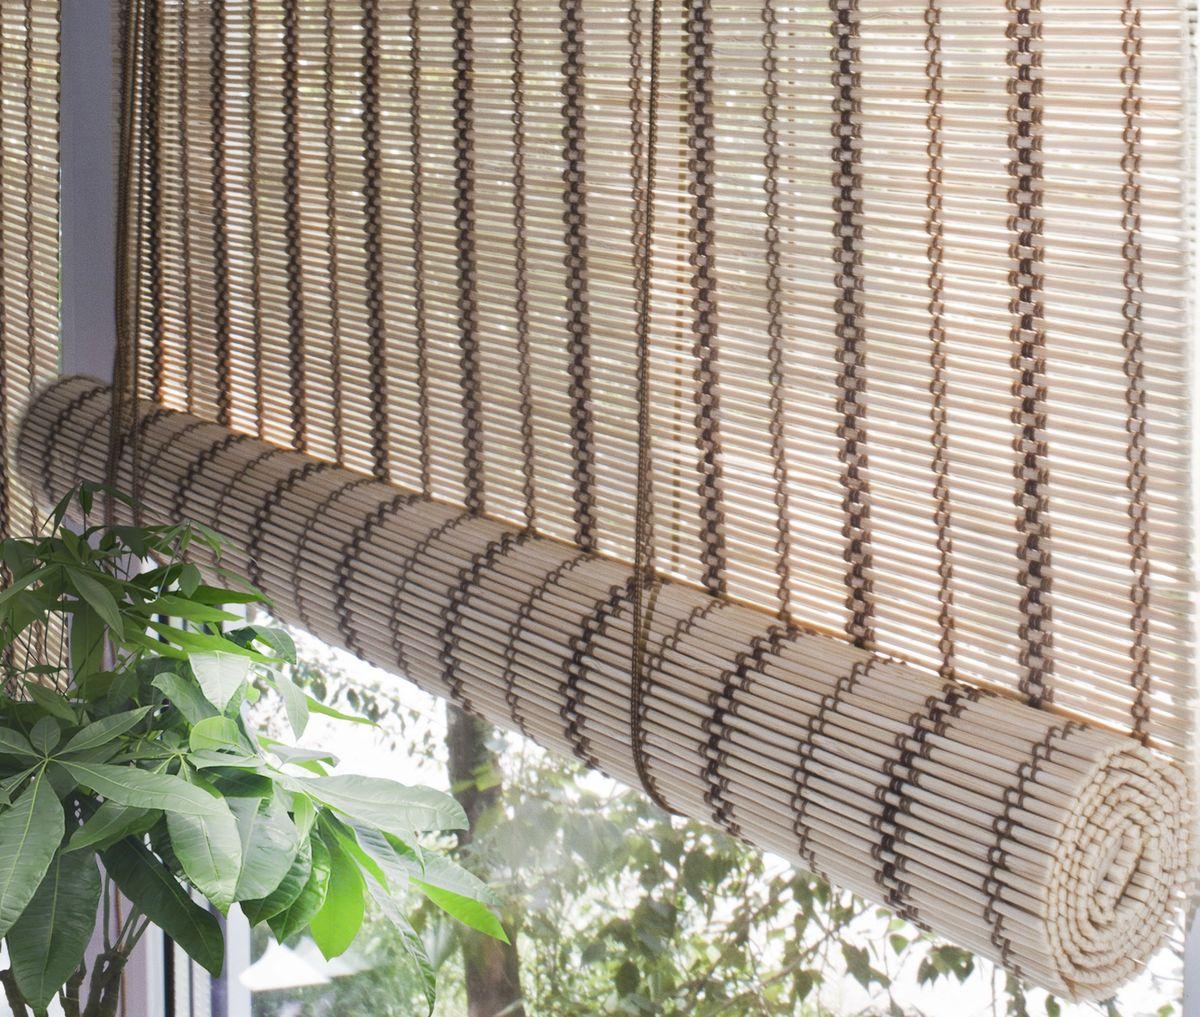 Штора рулонная Эскар Бамбук, цвет: золотой беж, ширина 160 см, высота 160 см2615S545JBПри оформлении интерьера современных помещений многие отдают предпочтение природным материалам. Бамбуковые рулонные шторы - одно из натуральных изделий, способное сделать атмосферу помещения более уютной и в то же время необычной. Свойства бамбука уникальны: он экологически чист, так как быстро вырастает, благодаря чему не успевает накопить вредные вещества из окружающей среды. Кроме того, растение обладает противомикробным и антибактериальным действием. Занавеси из бамбука безопасно использовать в помещениях, где находятся новорожденные дети и люди, склонные к аллергии. Они незаменимы для тех, кто заботится о своем здоровье и уделяет внимание высокому уровню жизни.Бамбуковые рулонные шторы представляют собой полотно, состоящее из тонких бамбуковых стеблей и сворачиваемое в рулон.Римские бамбуковые шторы, как и тканевые римские шторы, при поднятии образуют крупные складки, которые прекрасно декорируют окно.Особенность устройства полотна позволяет свободно пропускать дневной свет, что обеспечивает мягкое освещение комнаты. Это натуральный влагостойкий материал, который легко вписывается в любой интерьер, хорошо сочетается с различной мебелью и элементами отделки. Использование бамбукового полотна придает помещению необычный вид и визуально расширяет пространство.Помимо внешней красоты, это еще и очень удобные конструкции, экономящие пространство. Изготавливаются они из специальных материалов, устойчивых к внешним воздействиям. Сама штора очень эргономичная, и позволяет изменять визуально пространство в зависимости от потребностей владельца.